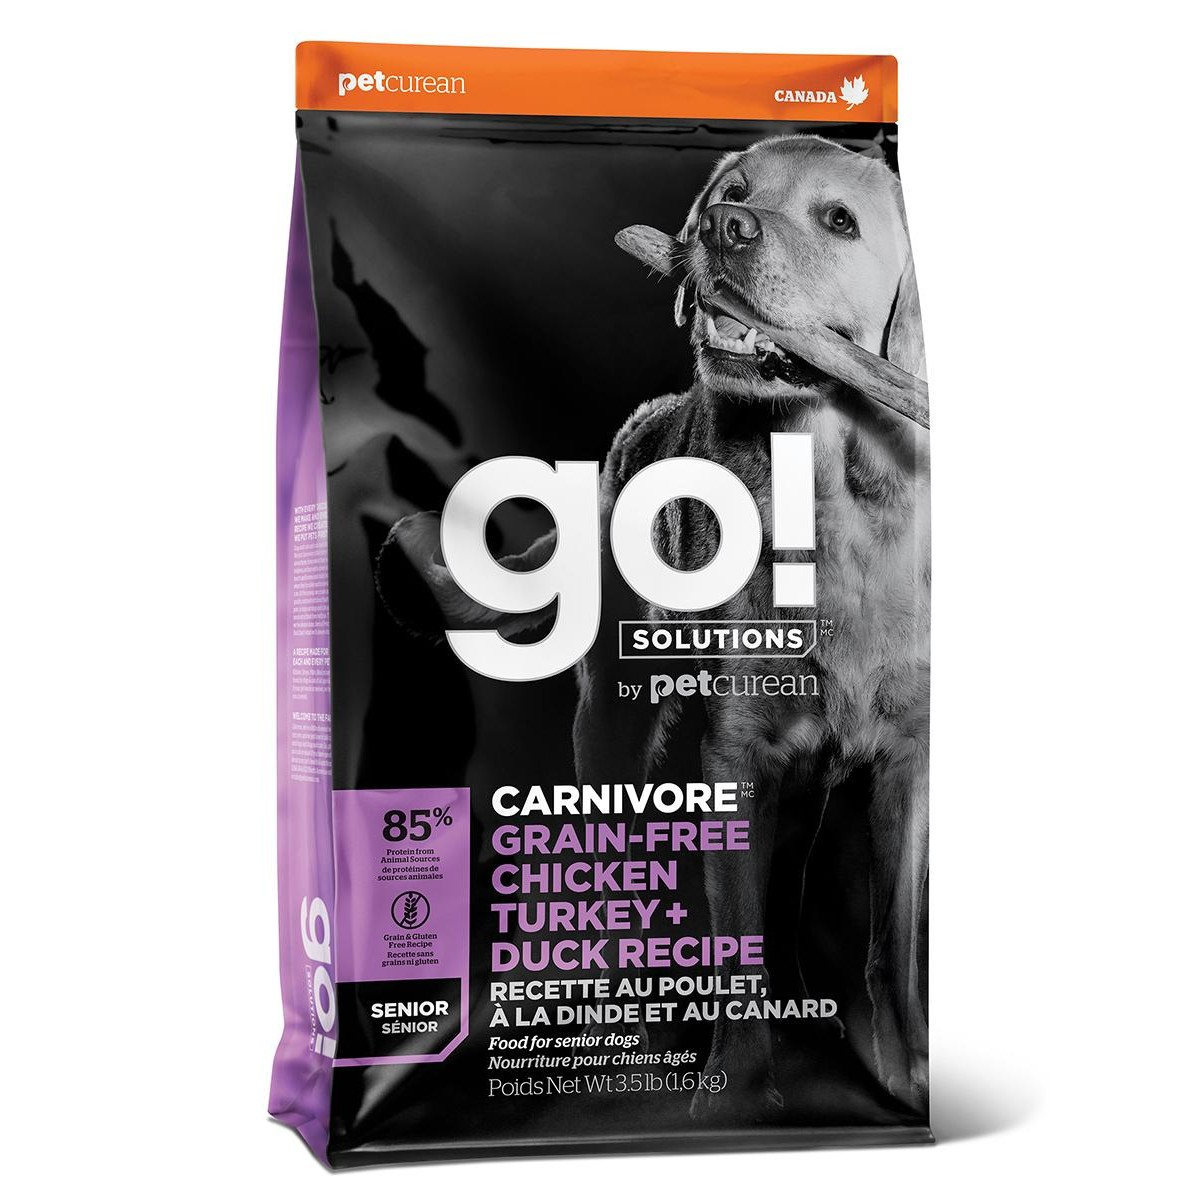 Сухой корм для пожилых собак GO! NATURAL HOLISTIC беззерновой 4 вида мяса Индейка Курица Лосось Утка 5.44 кг